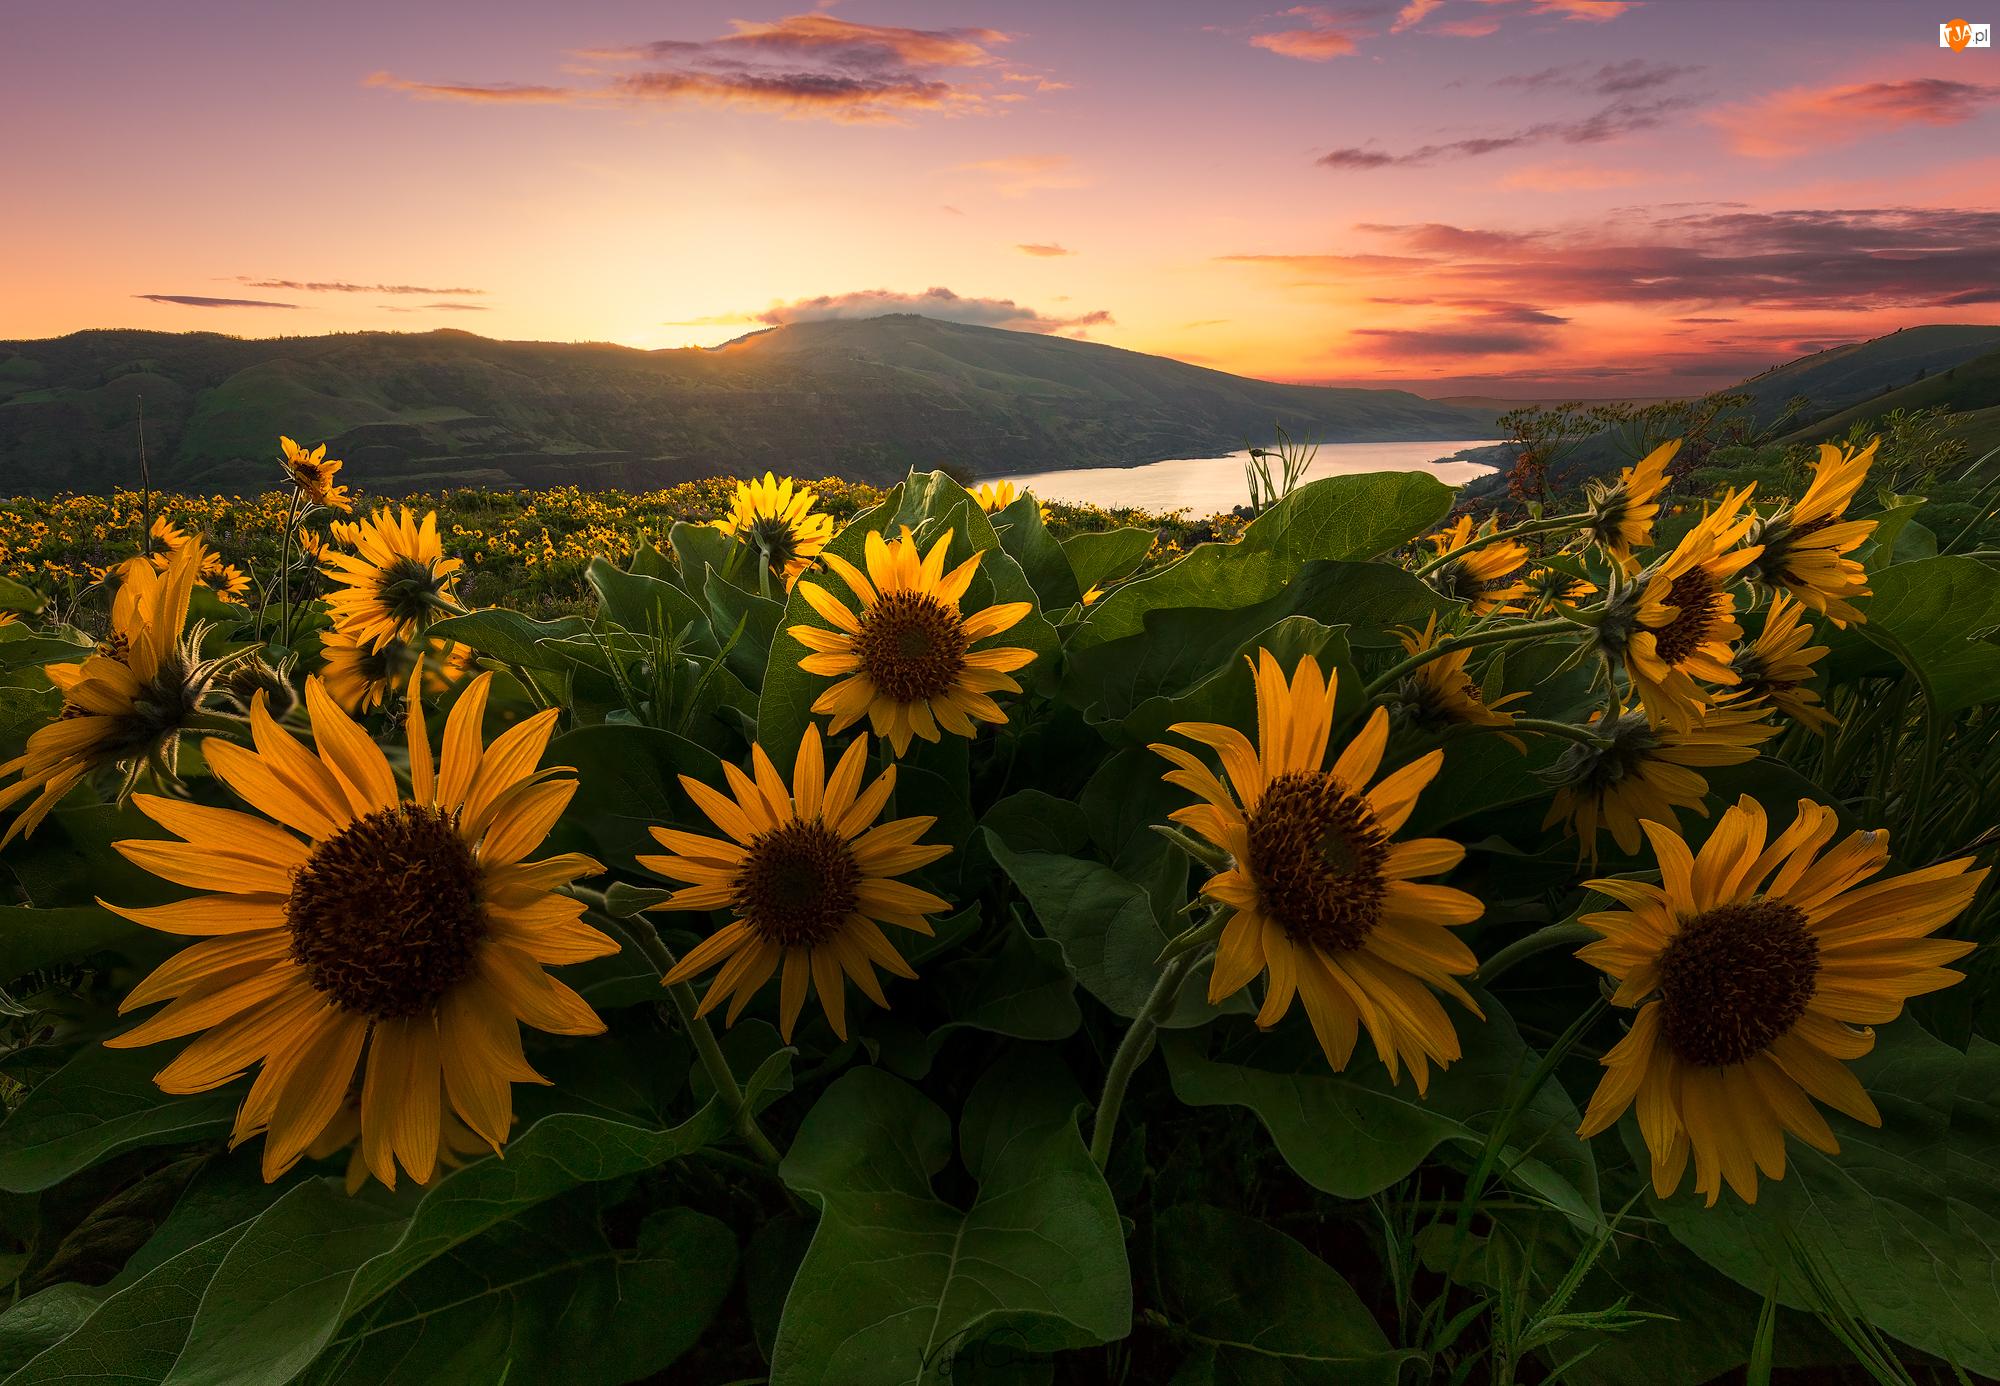 Wschód słońca, Wzgórza, Rzeka, Balsamorhiza